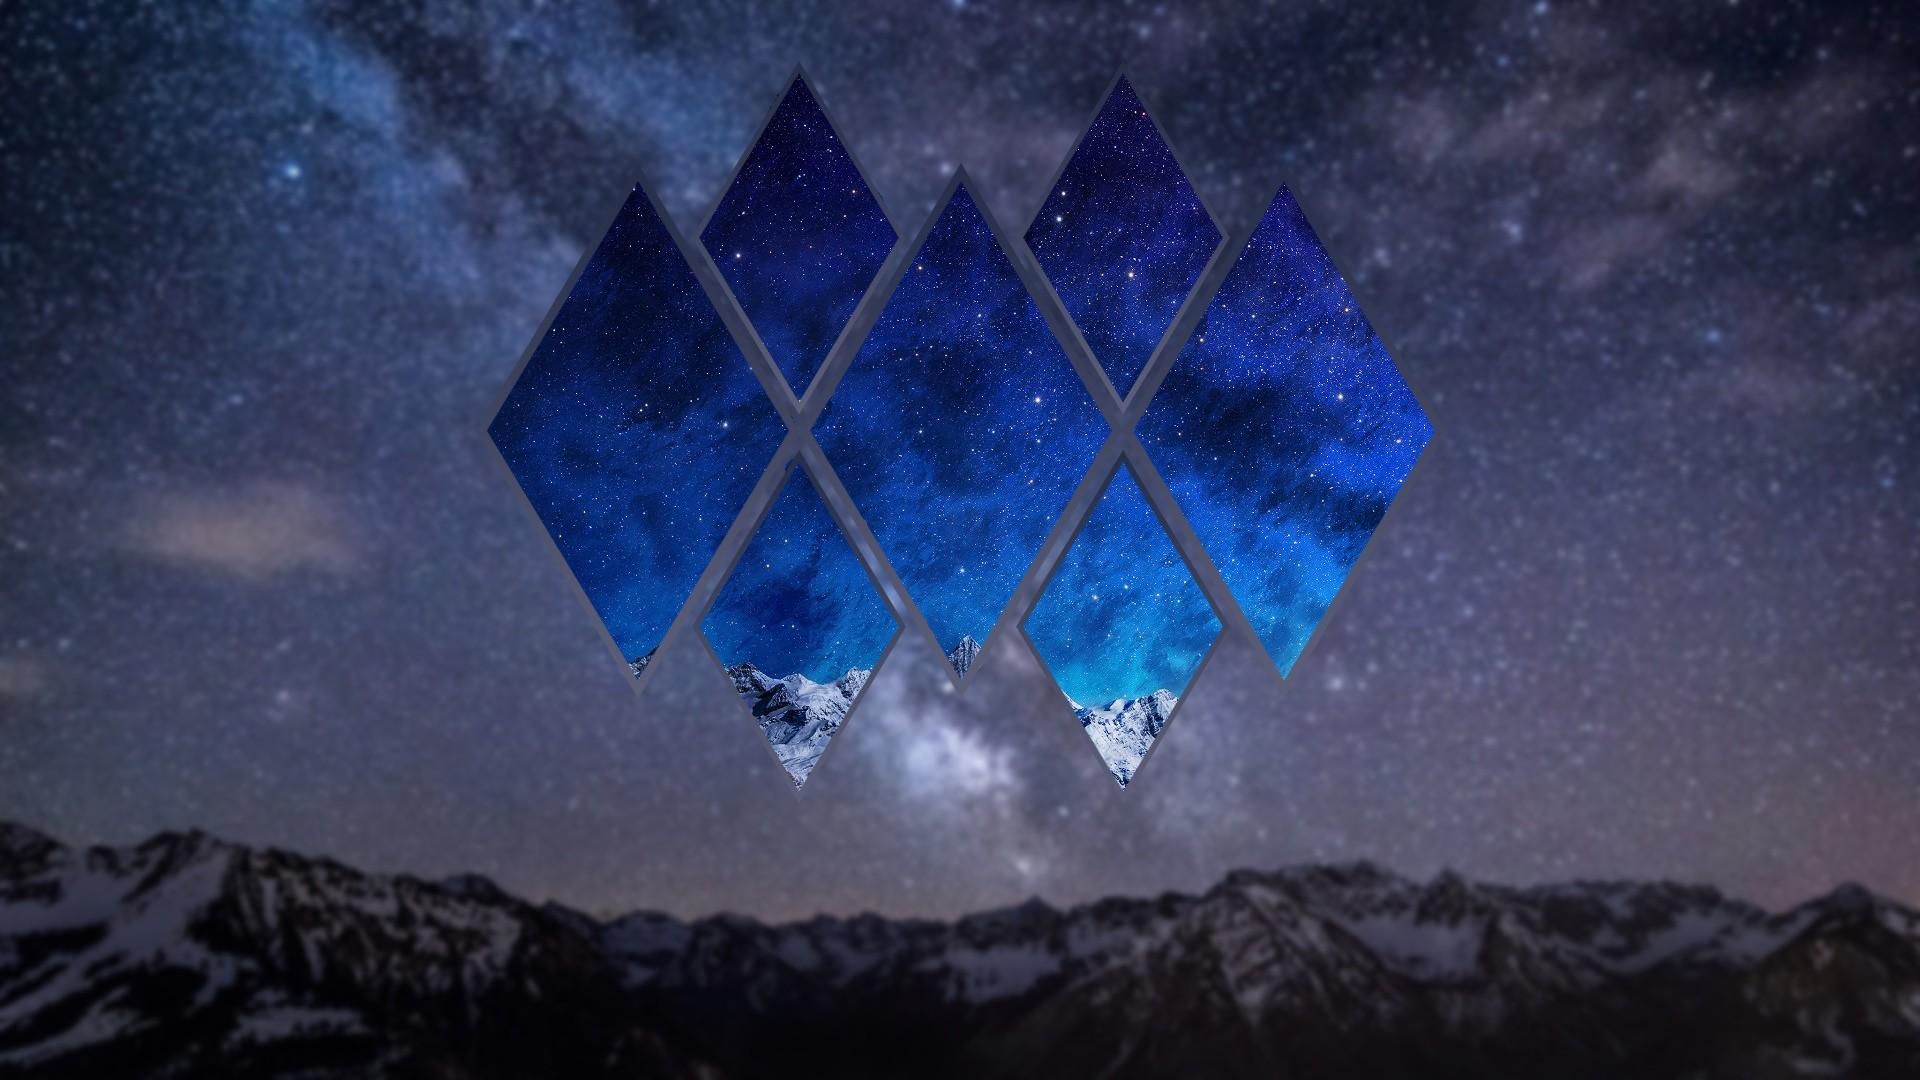 Astronomy Wallpaper Hd Fondos De Pantalla Paisaje Monta 241 As Noche Galaxia